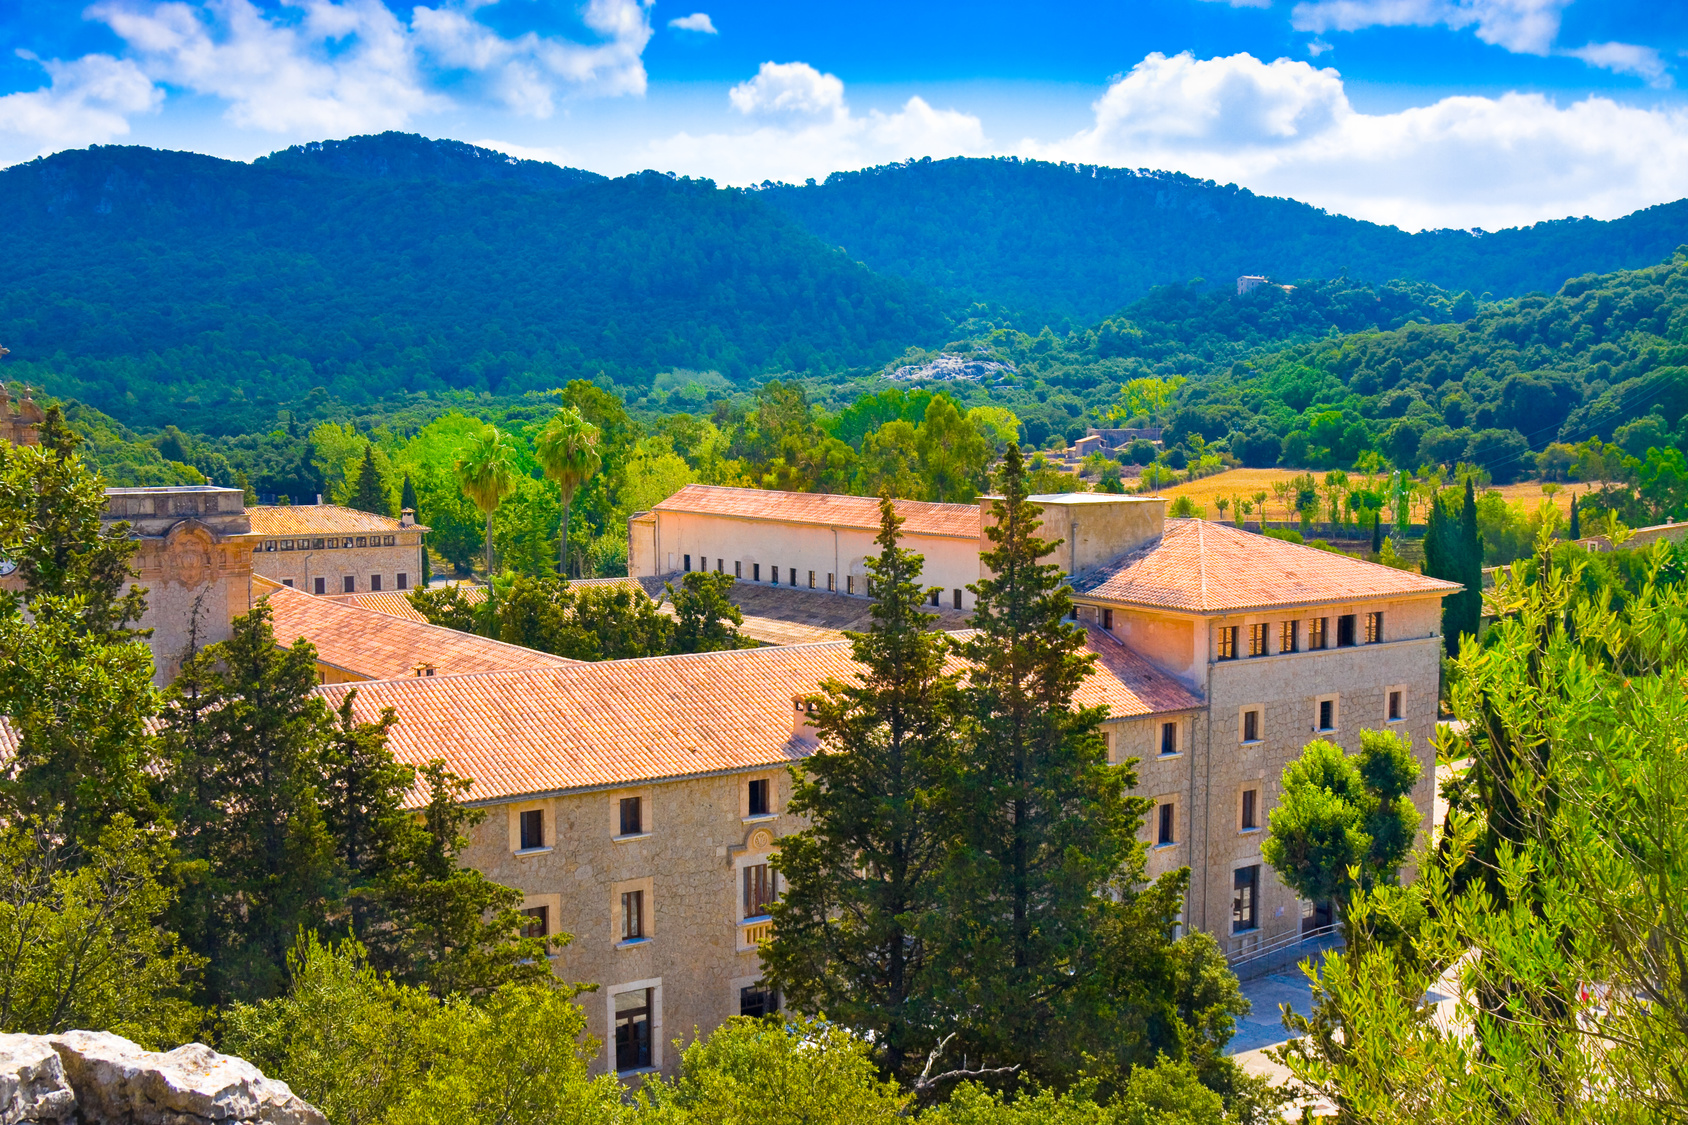 Urlaub mal anders: Übernachten im Kloster